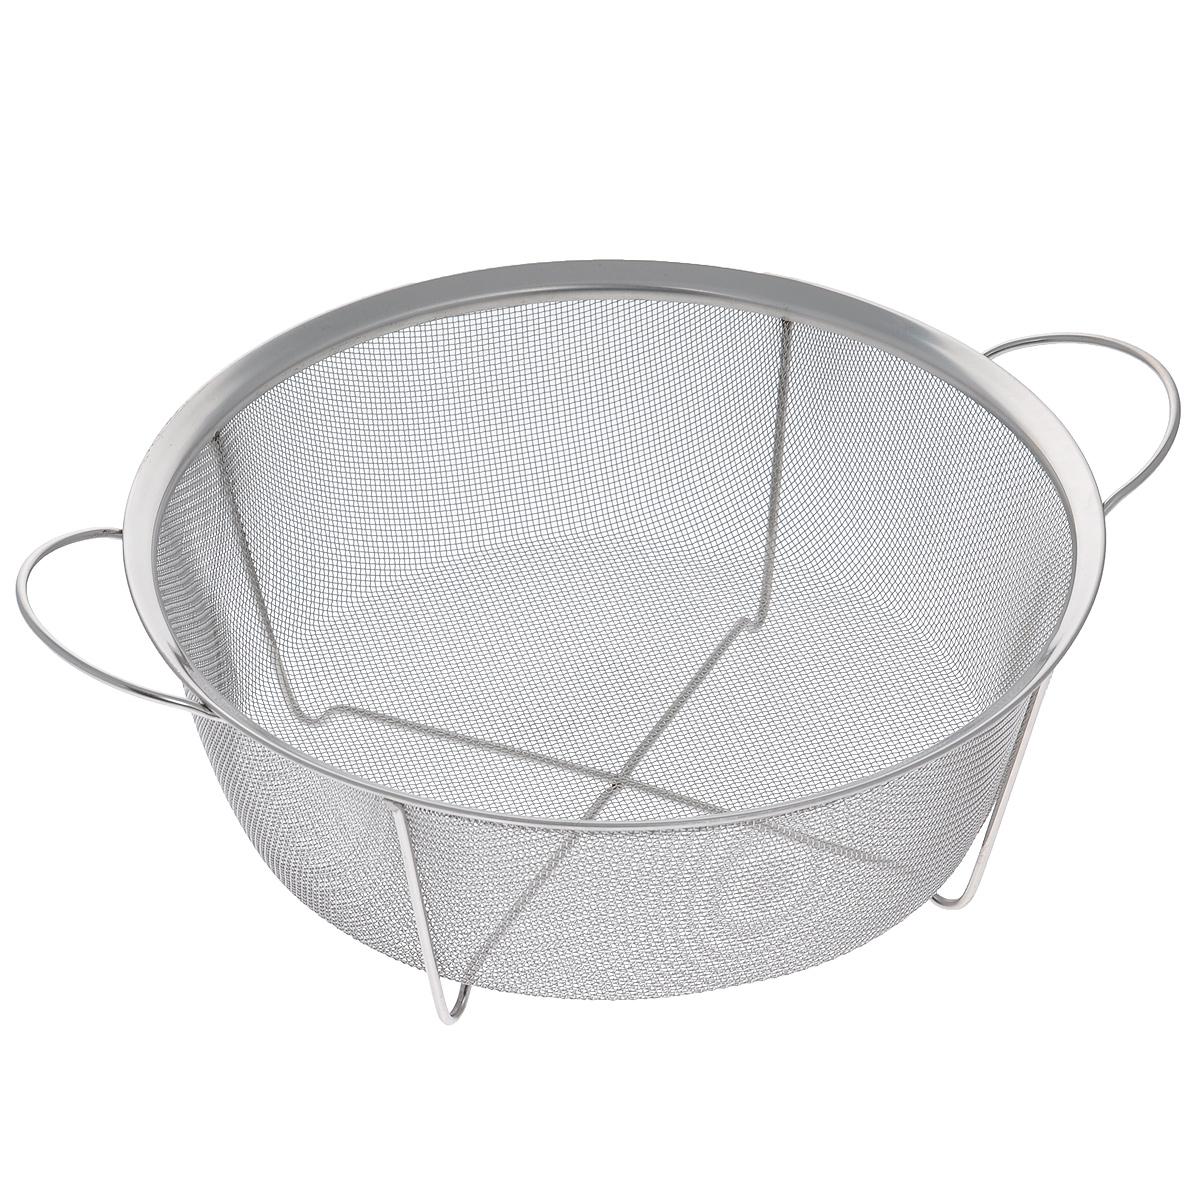 Сито Bekker, диаметр 28,5 см115510Сито Bekker, выполненное из нержавеющей стали, станет незаменимым аксессуаром на вашей кухне. Предназначено для просеивания и процеживания муки, промывания круп, ягод и фруктов. Сито оснащено удобными ручками. Прочная стальная сетка и корпус обеспечивают изделию износостойкость и долговечность. Благодаря ножкам изделие можно поставить прямо в раковину.Подходит для чистки в посудомоечной машине.